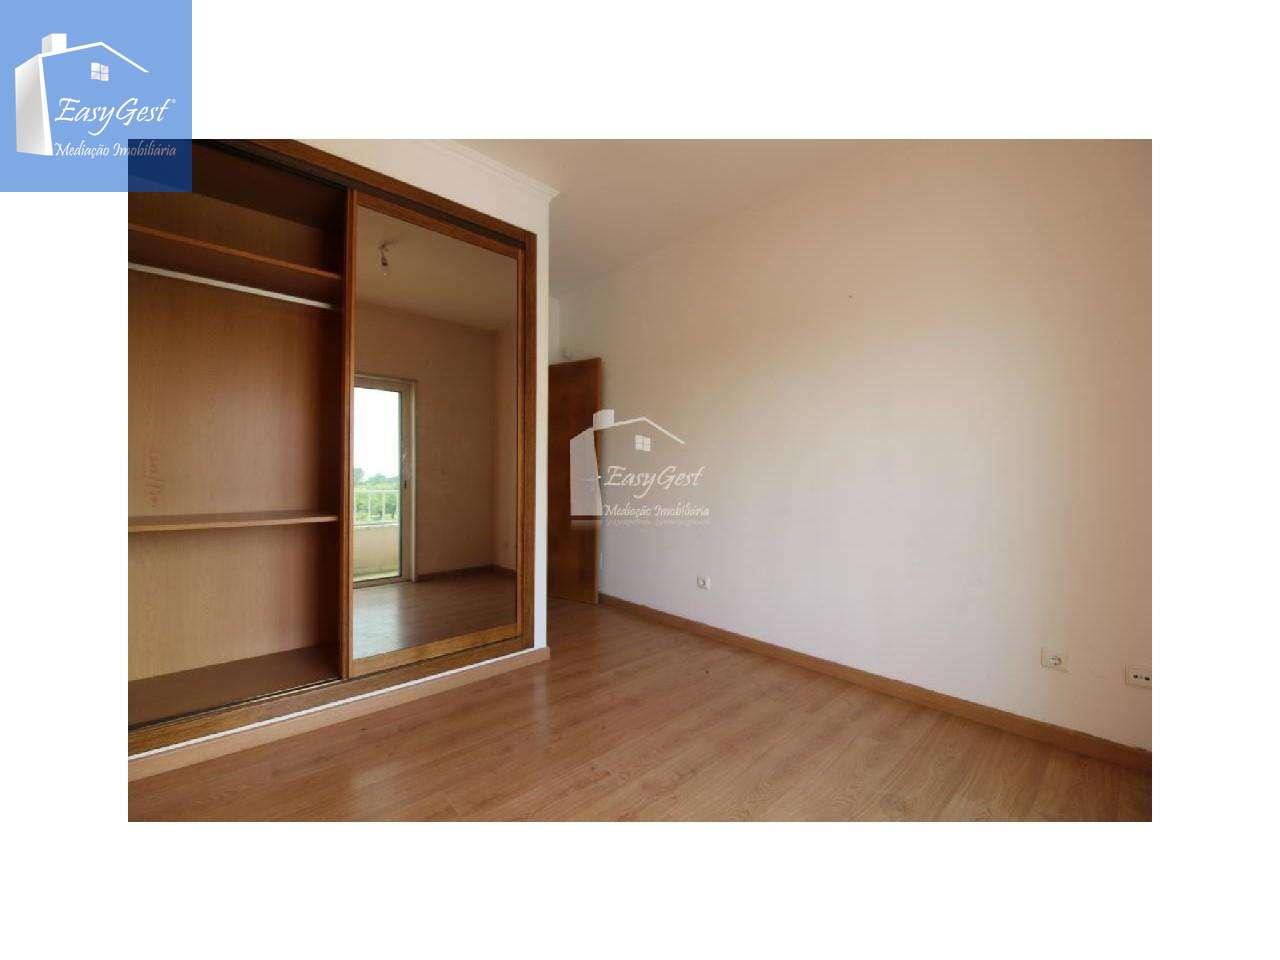 Apartamento para comprar, Fernão Ferro, Setúbal - Foto 9